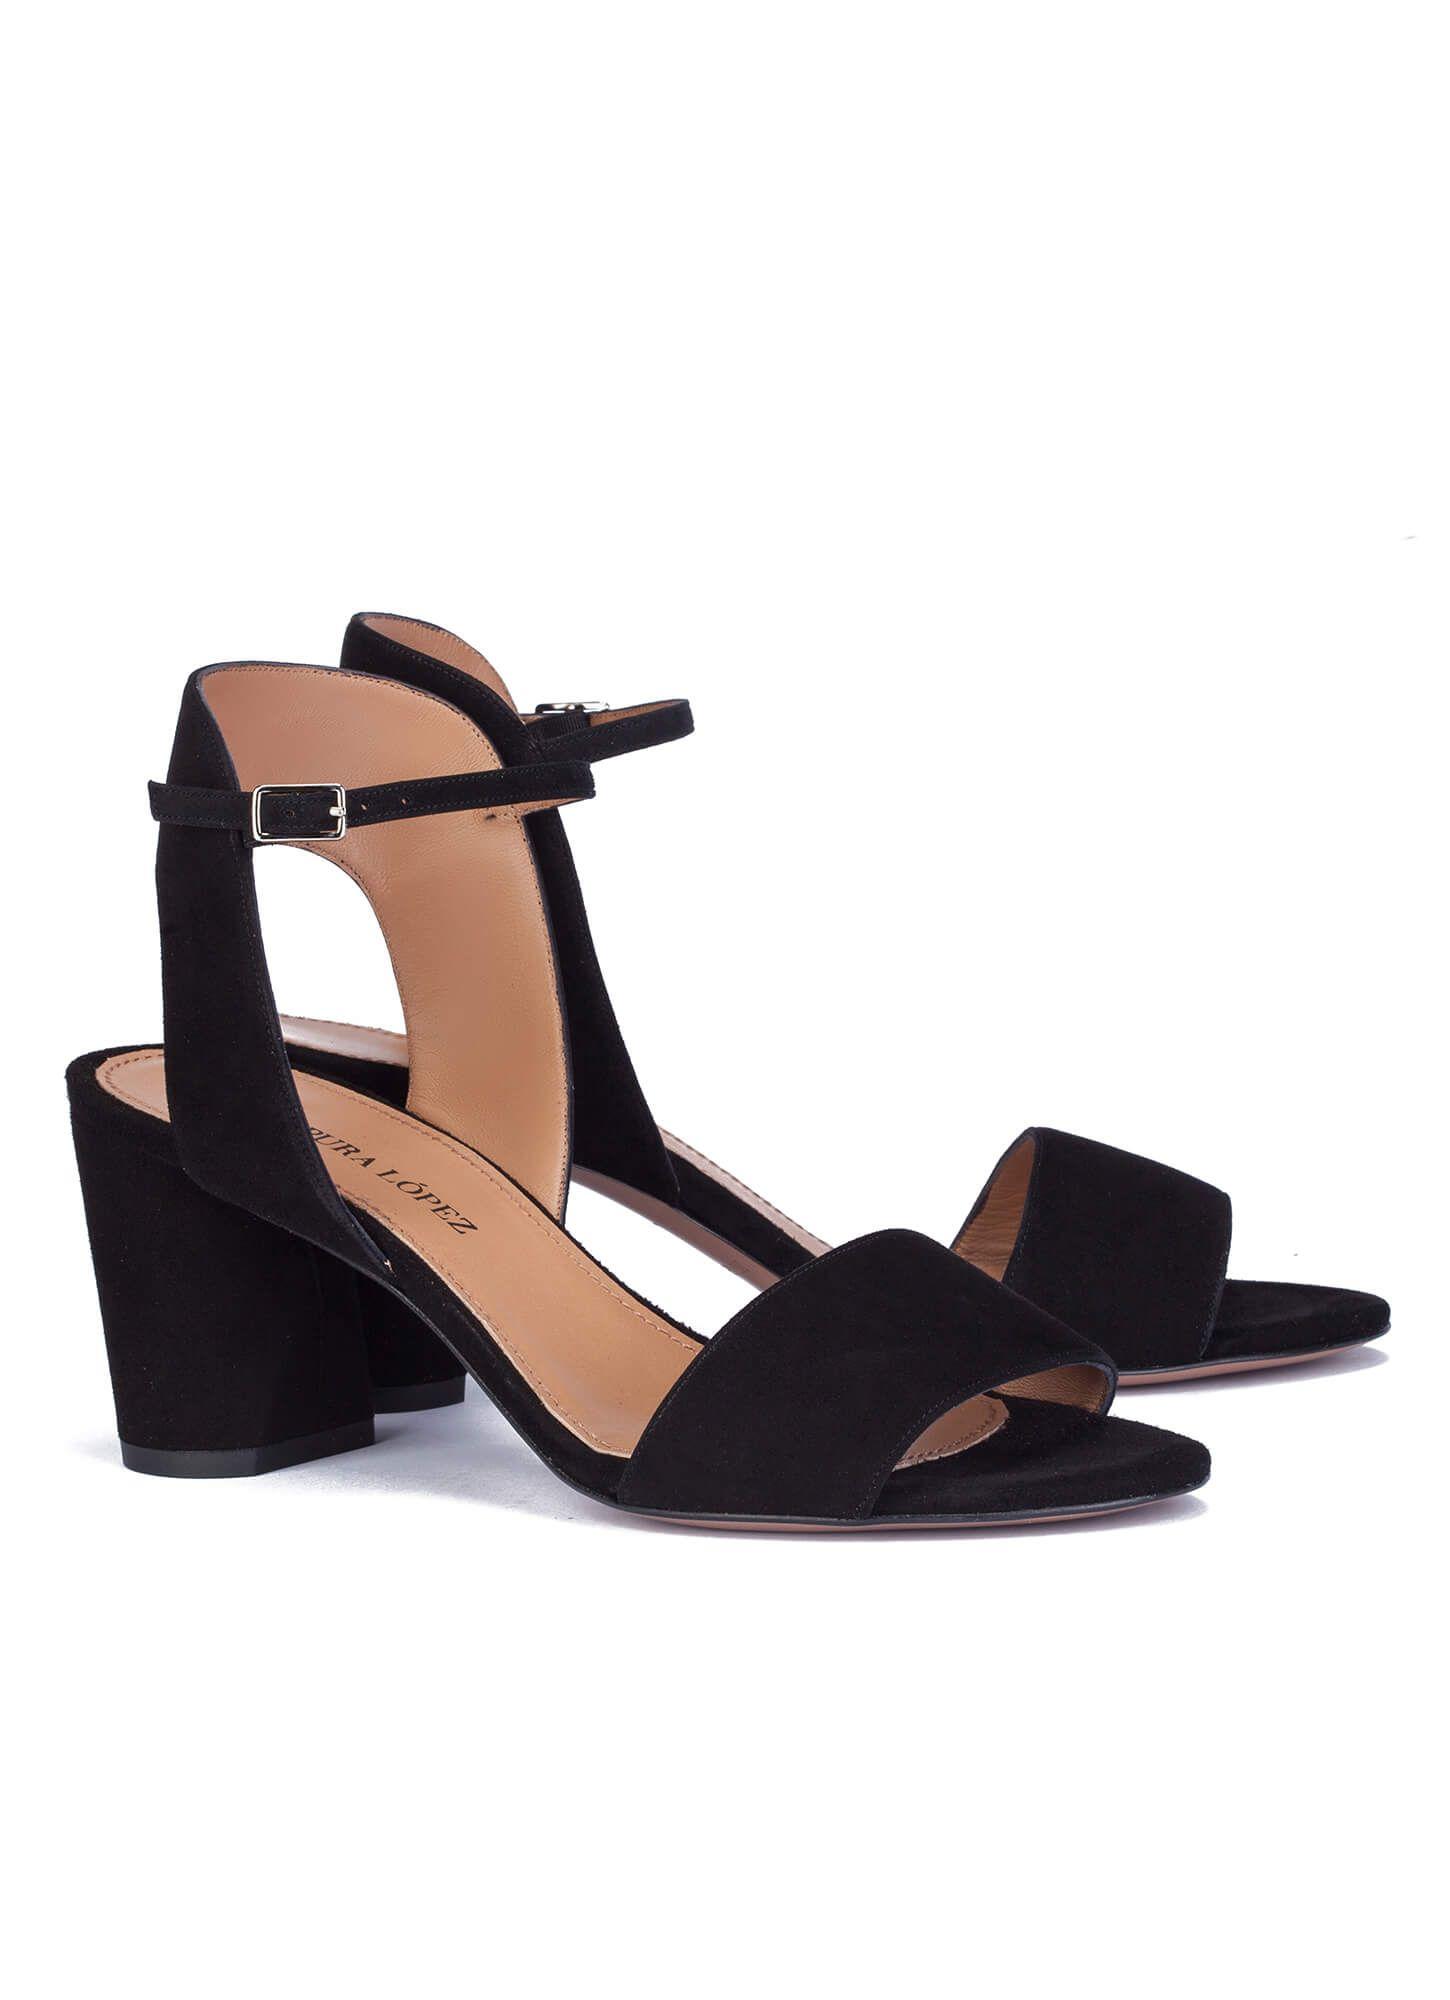 mayor descuento calidad autentica super servicio Sandalias negras de tacón ancho - tienda de zapatos Pura ...